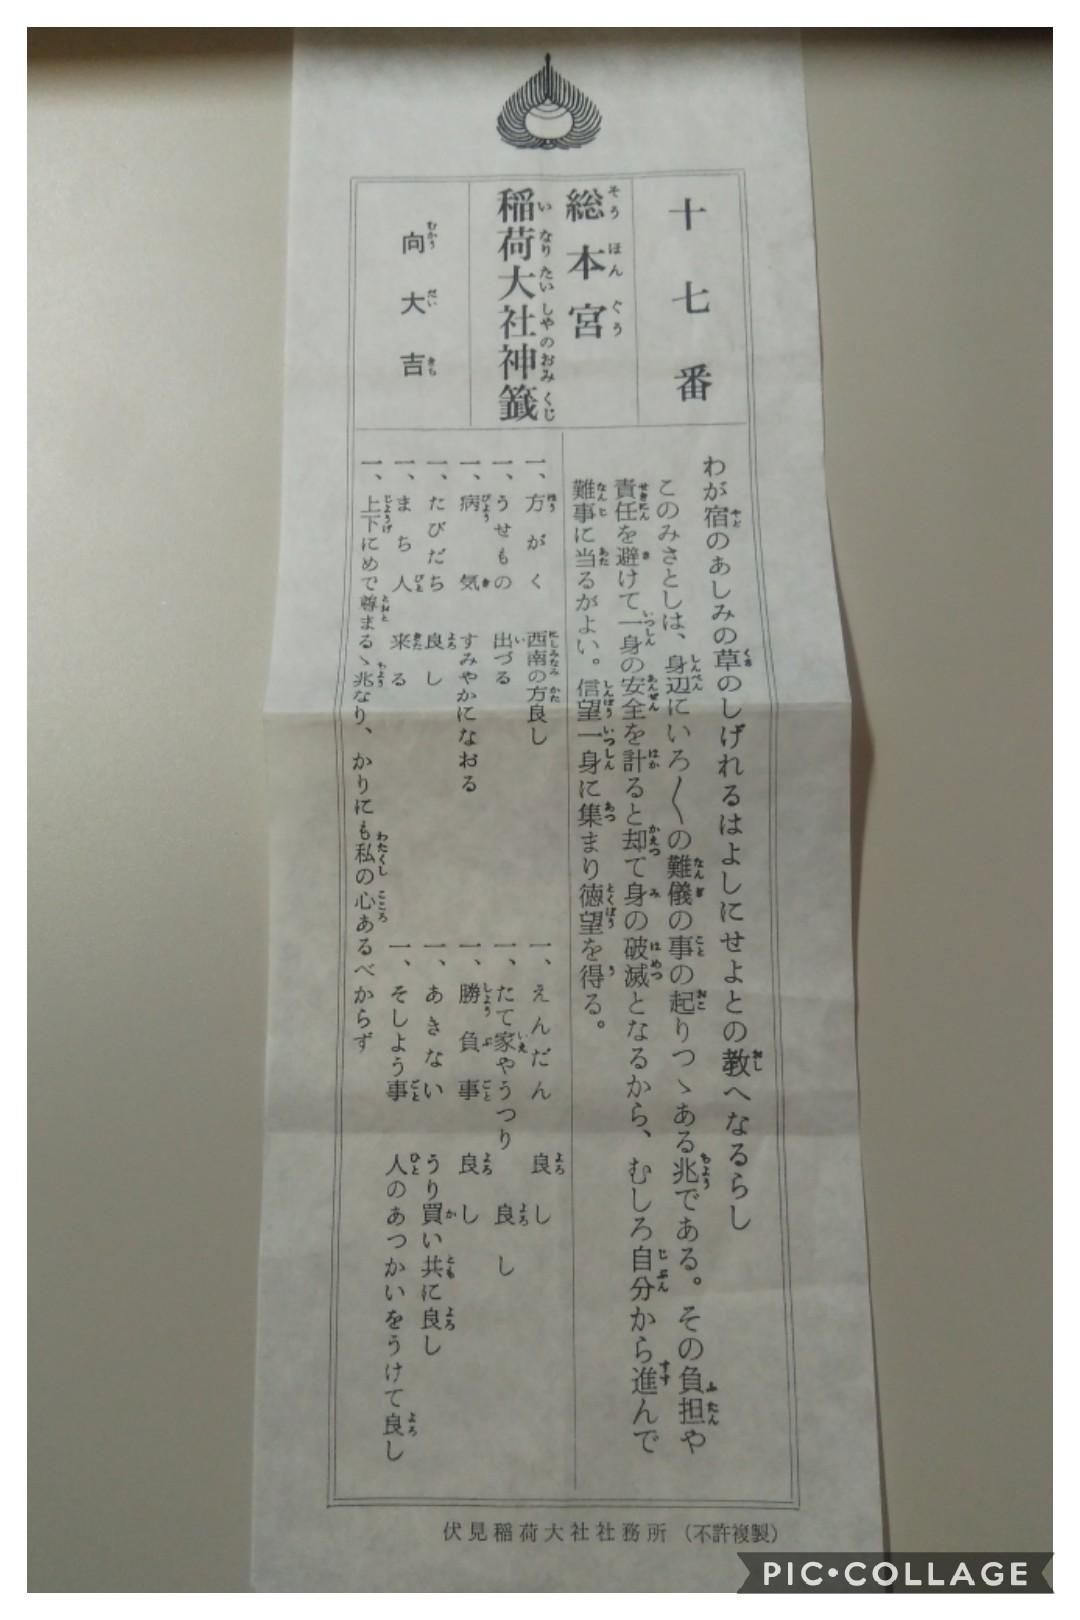 https://n-ko.jp/staffblog/Collage%202018-12-29%2009_26_41.jpg